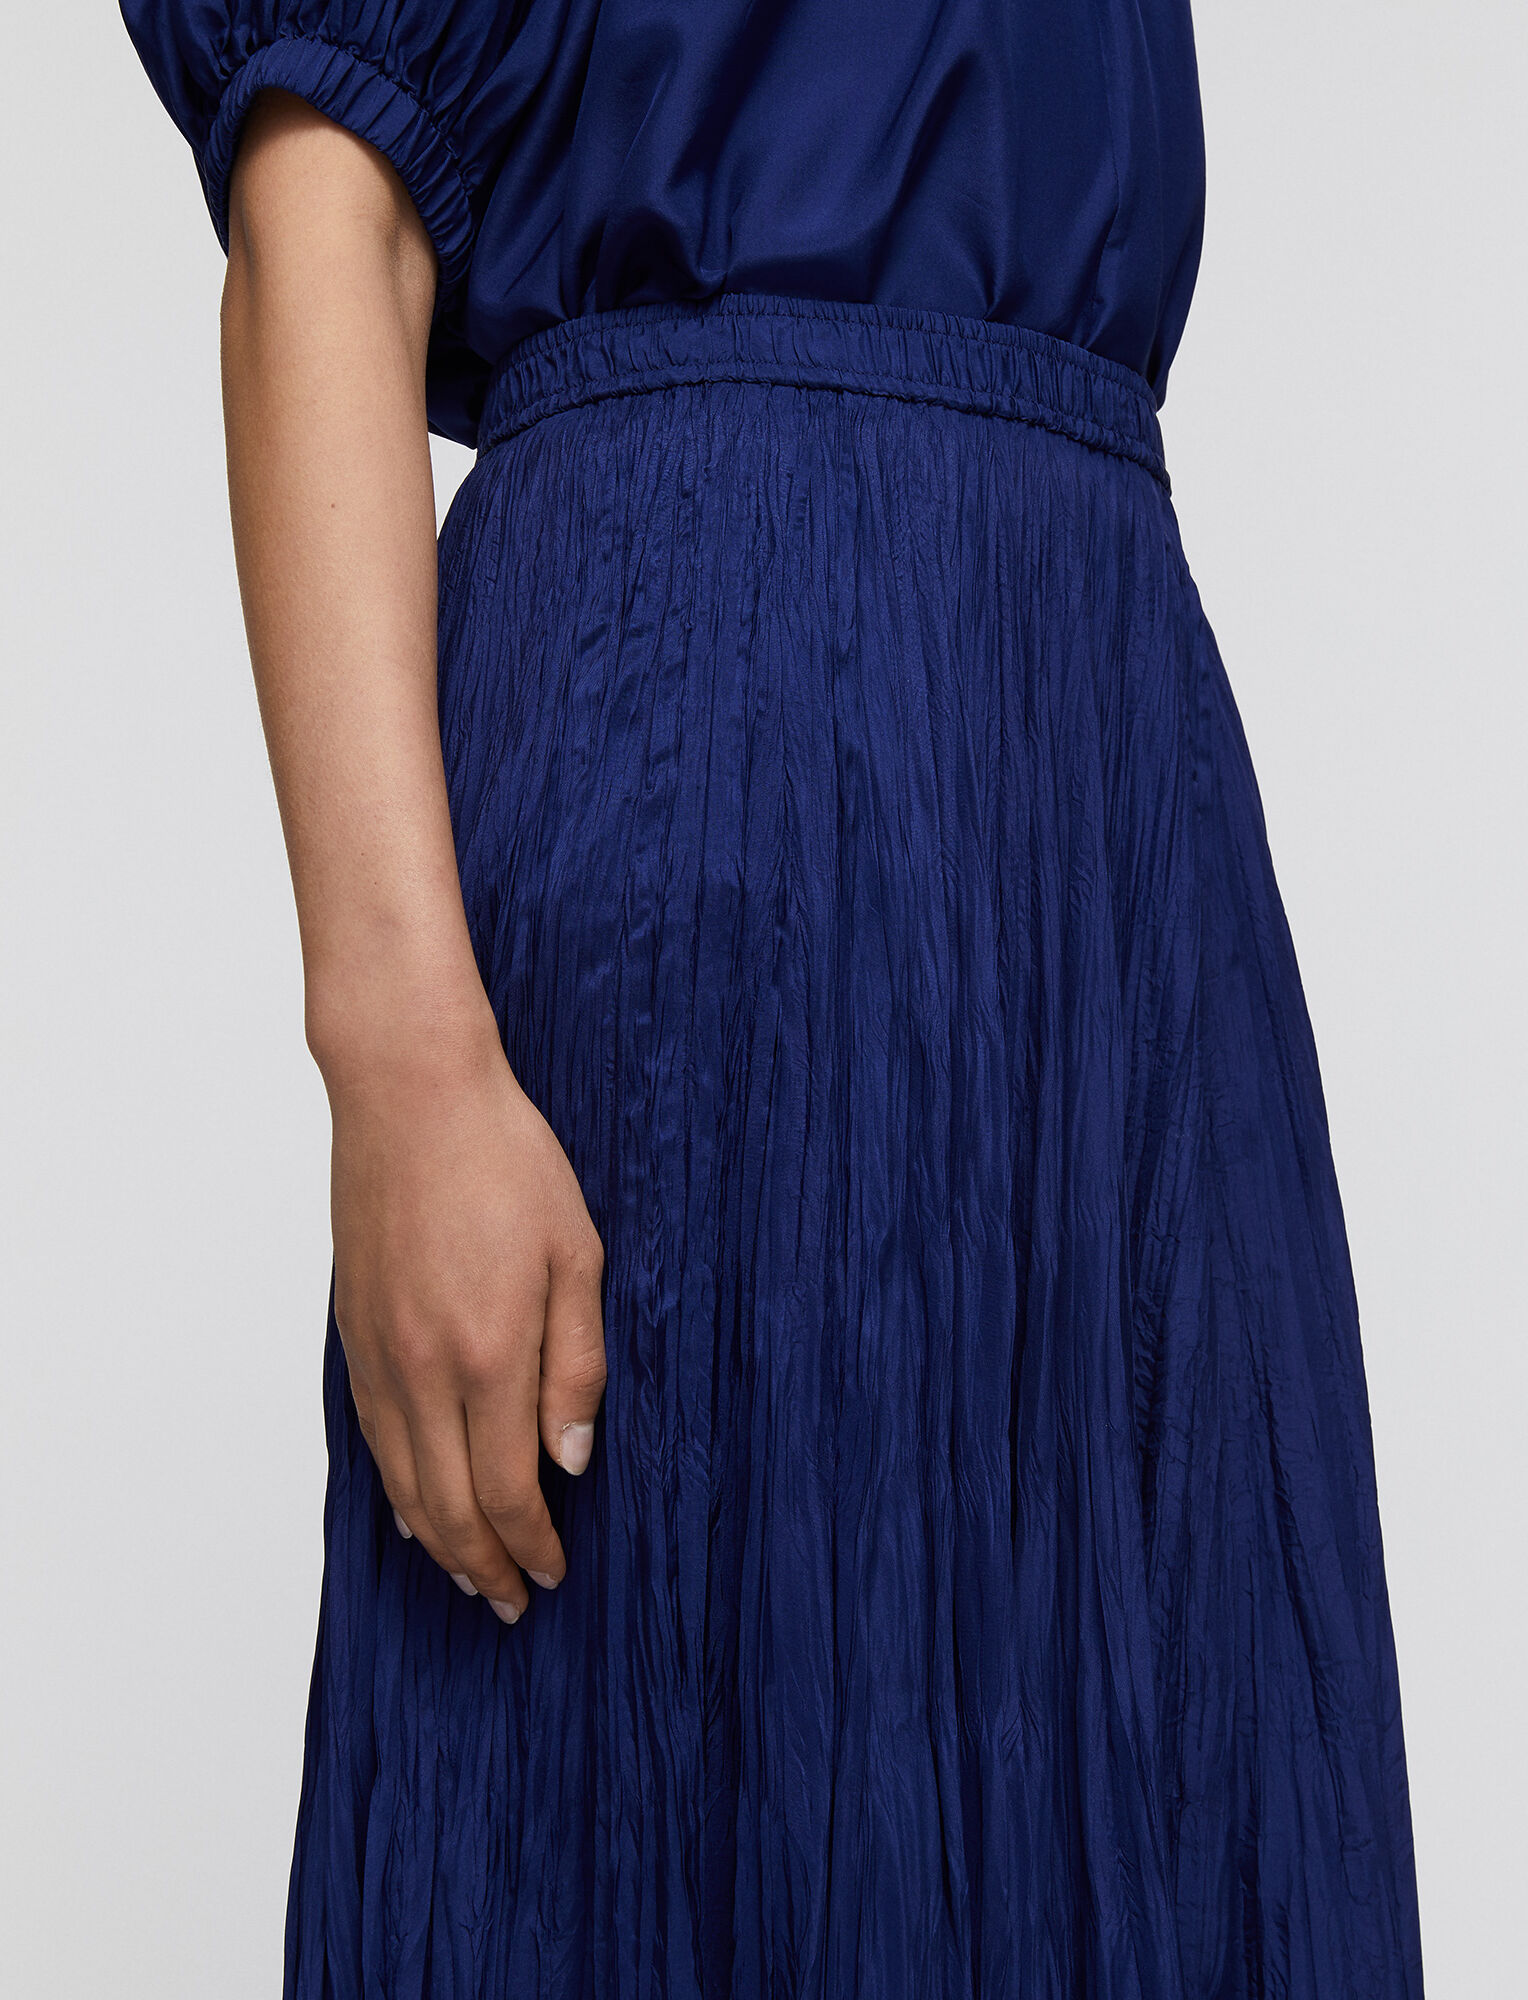 Joseph, Habotai Sully Skirt, in COBALT BLUE